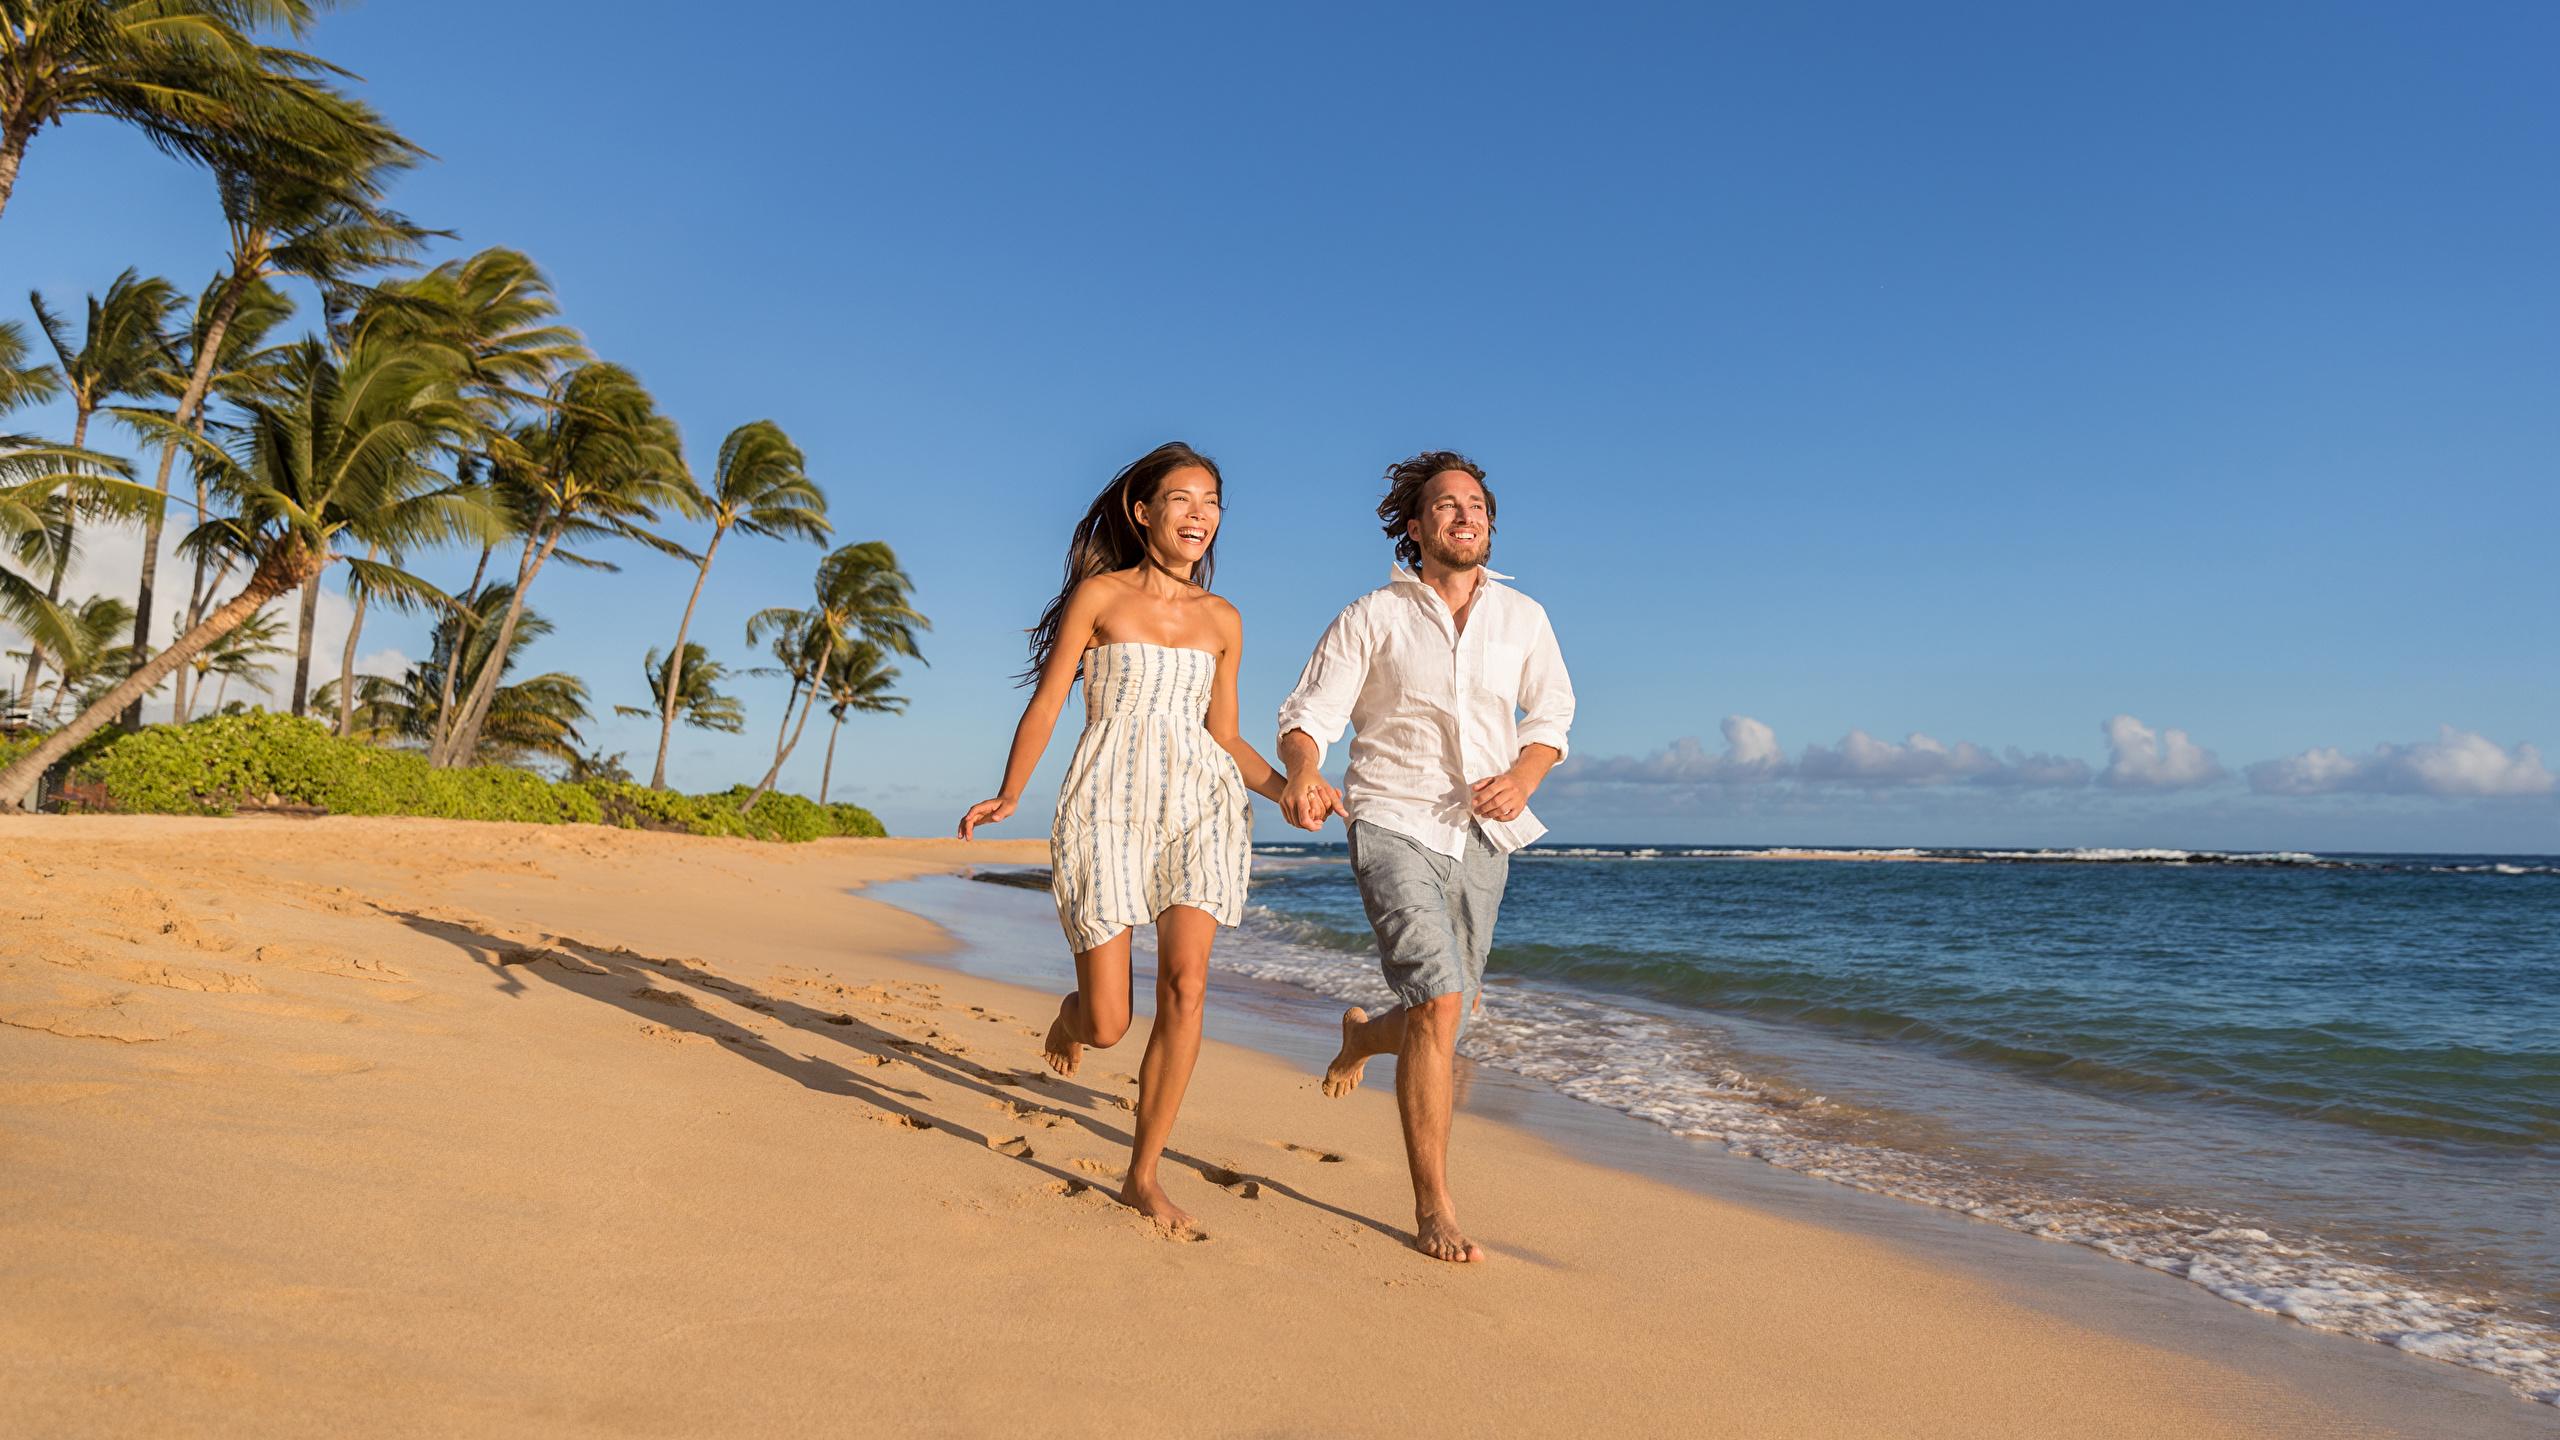 Bilder von Braunhaarige Mann Laufen Freude Zwei Liebe Mädchens Küste Kleid 2560x1440 Braune Haare Lauf Laufsport Glücklich fröhliches fröhlicher glückliche glückliches glücklicher 2